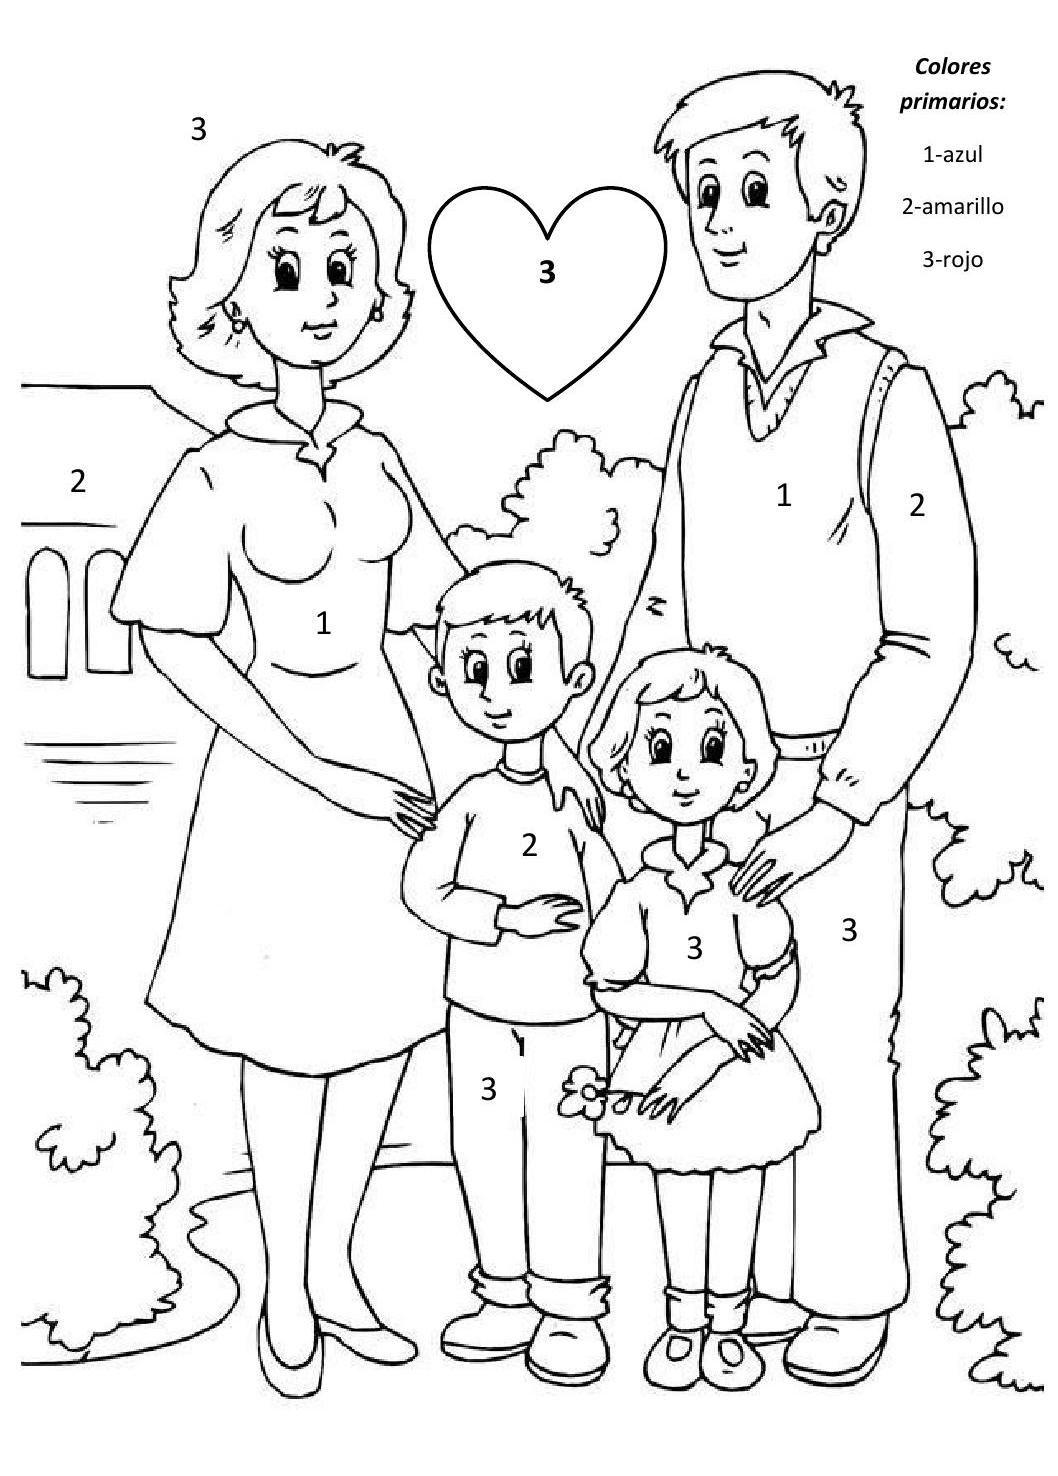 Colores Primarios Clippedonissuu Family Coloring Pages Family Coloring Fathers Day Coloring Page